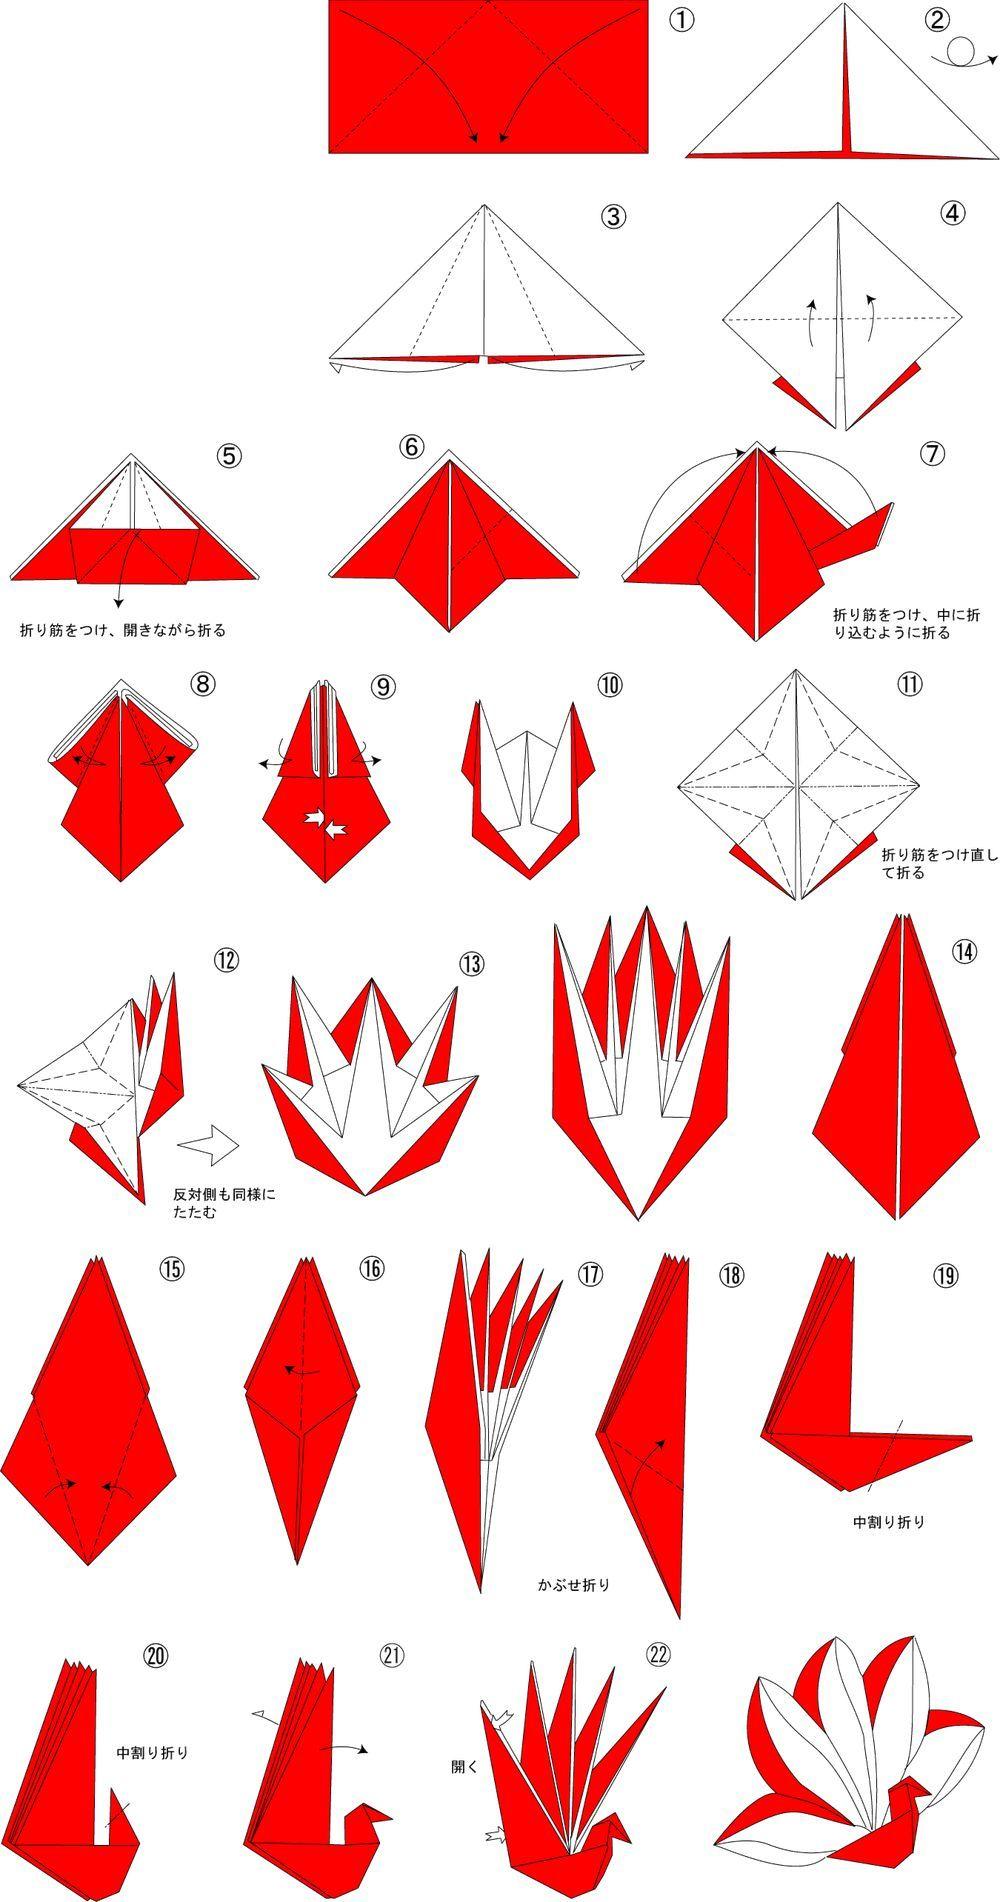 画像 簡単なものから難しいものまで折り紙まとめ ドラゴン 折り紙